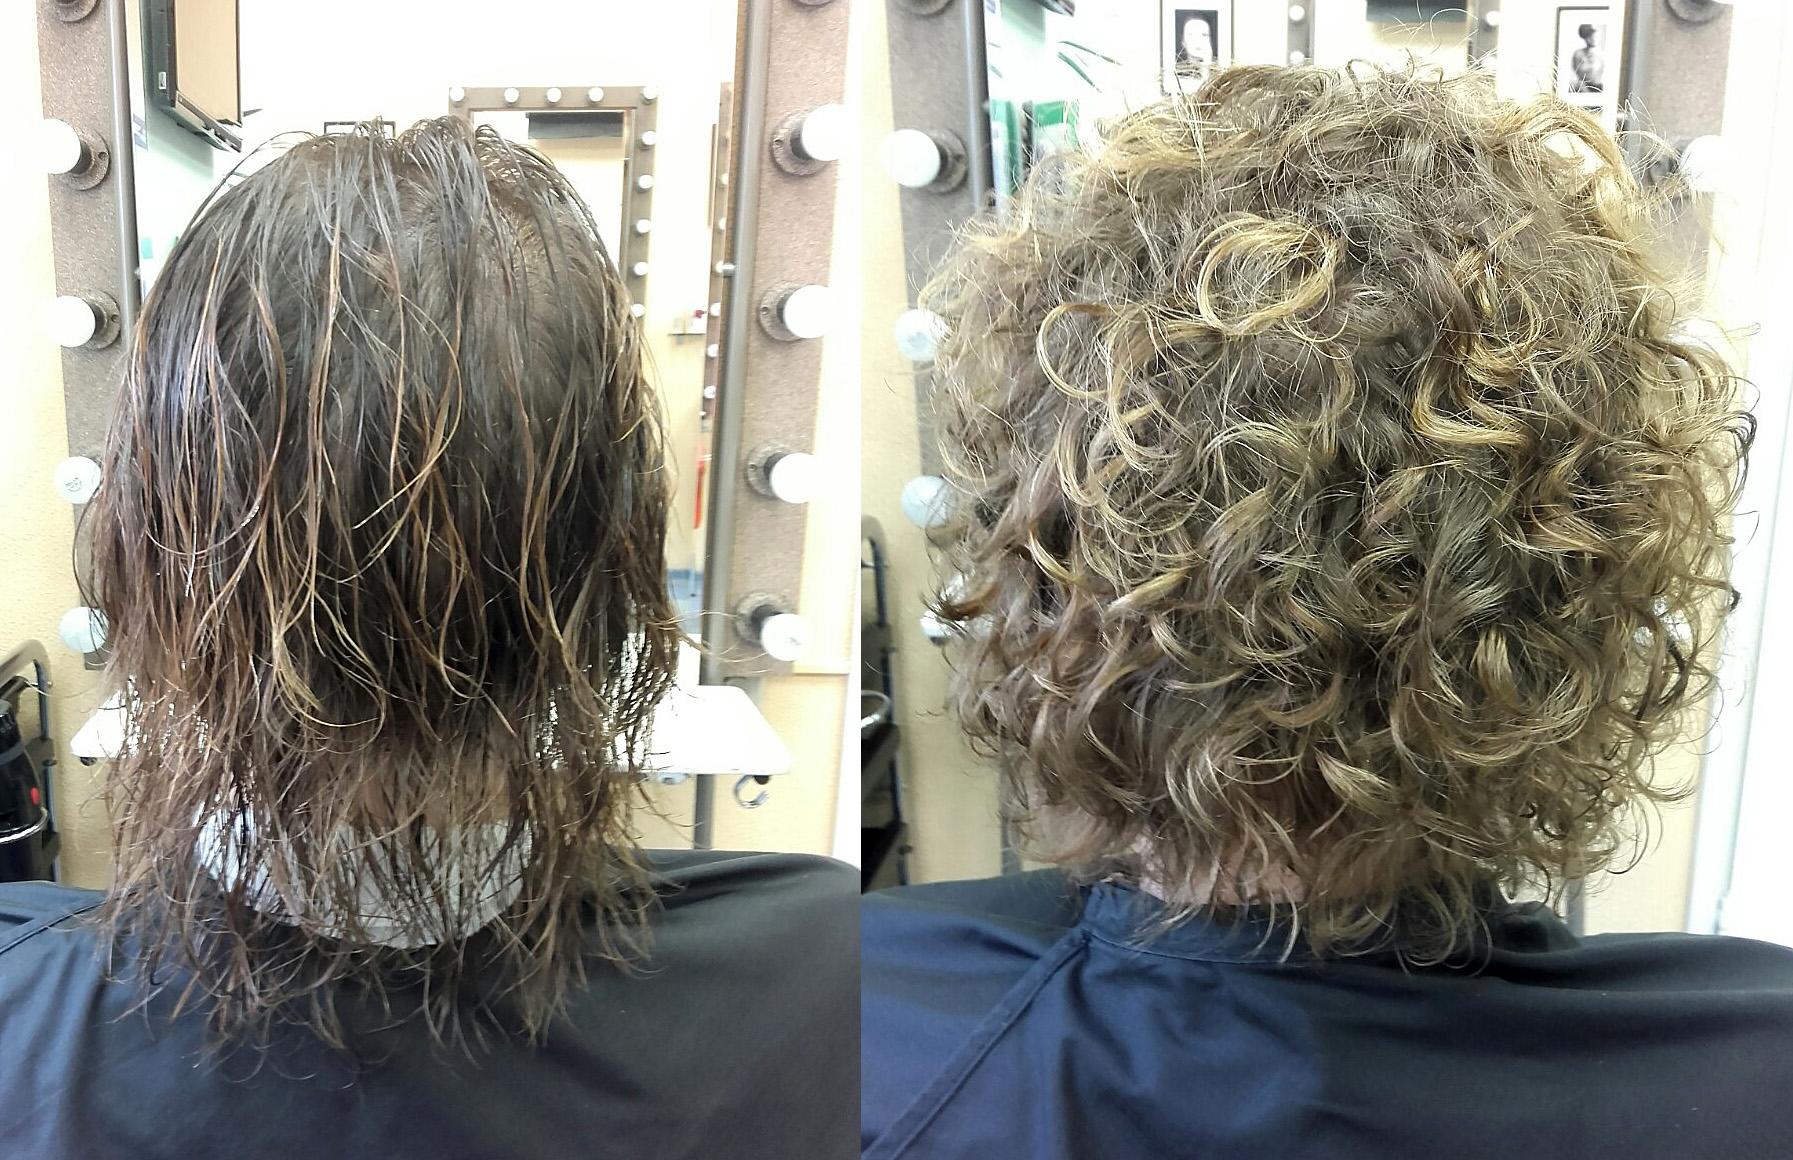 ᐉ самый лучший состав для биозавивки волос. процедура в домашних условиях. как проводится биозавивка на крупные локоны ➡ klass511.ru